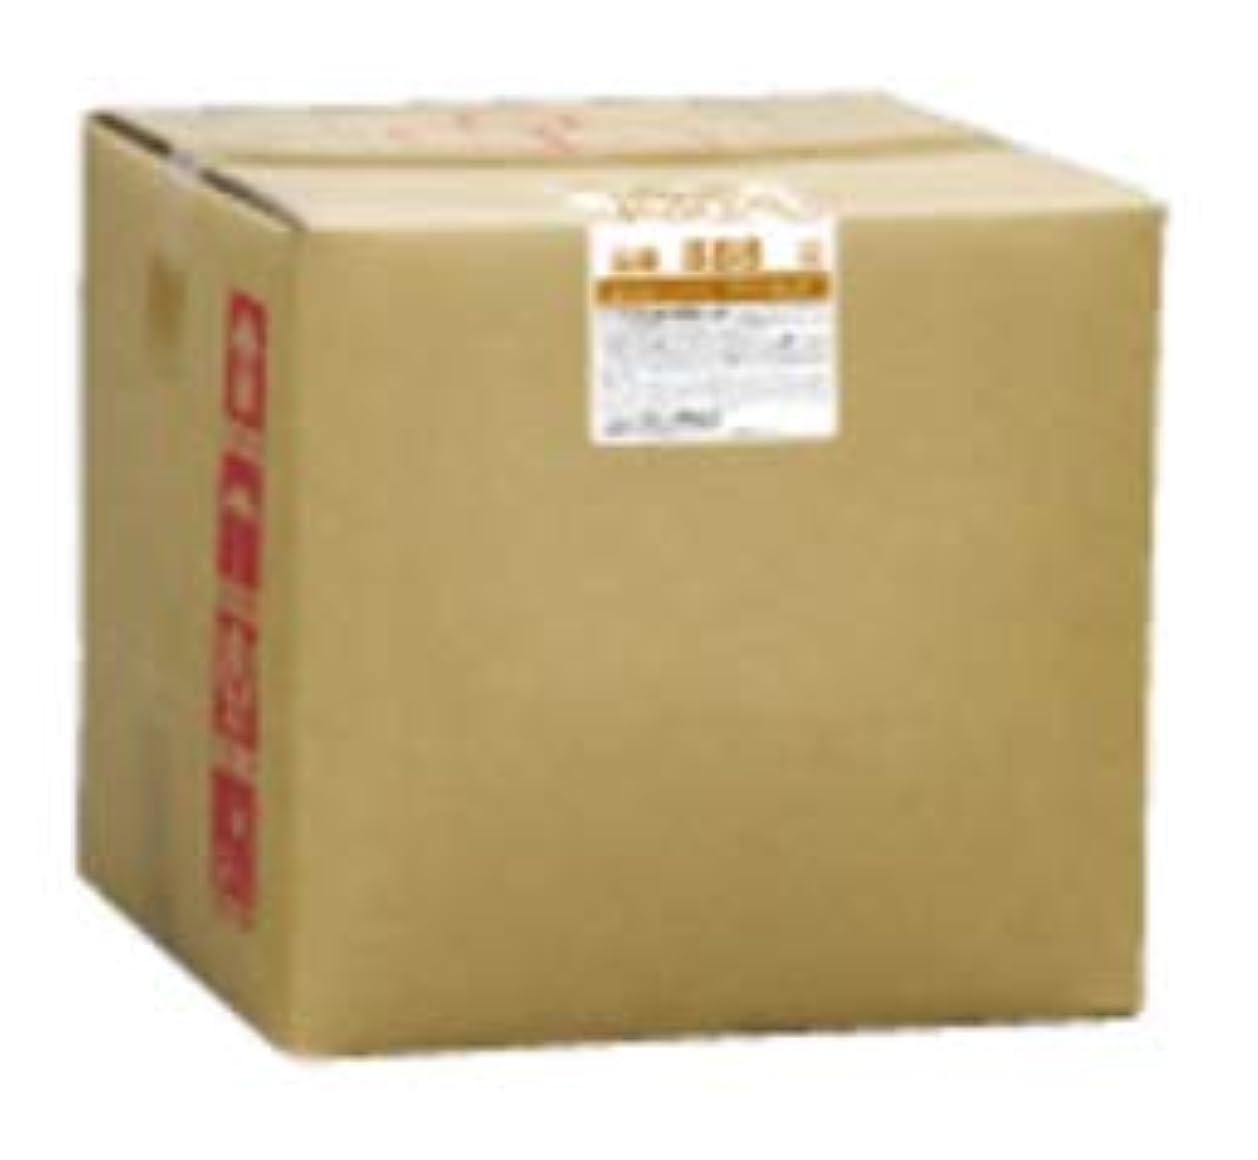 逃すアルコーブ心配フタバ化学 スパジアス コンディショナー 18L 詰め替え 800ml専用空容器付 黒糖と蜂蜜